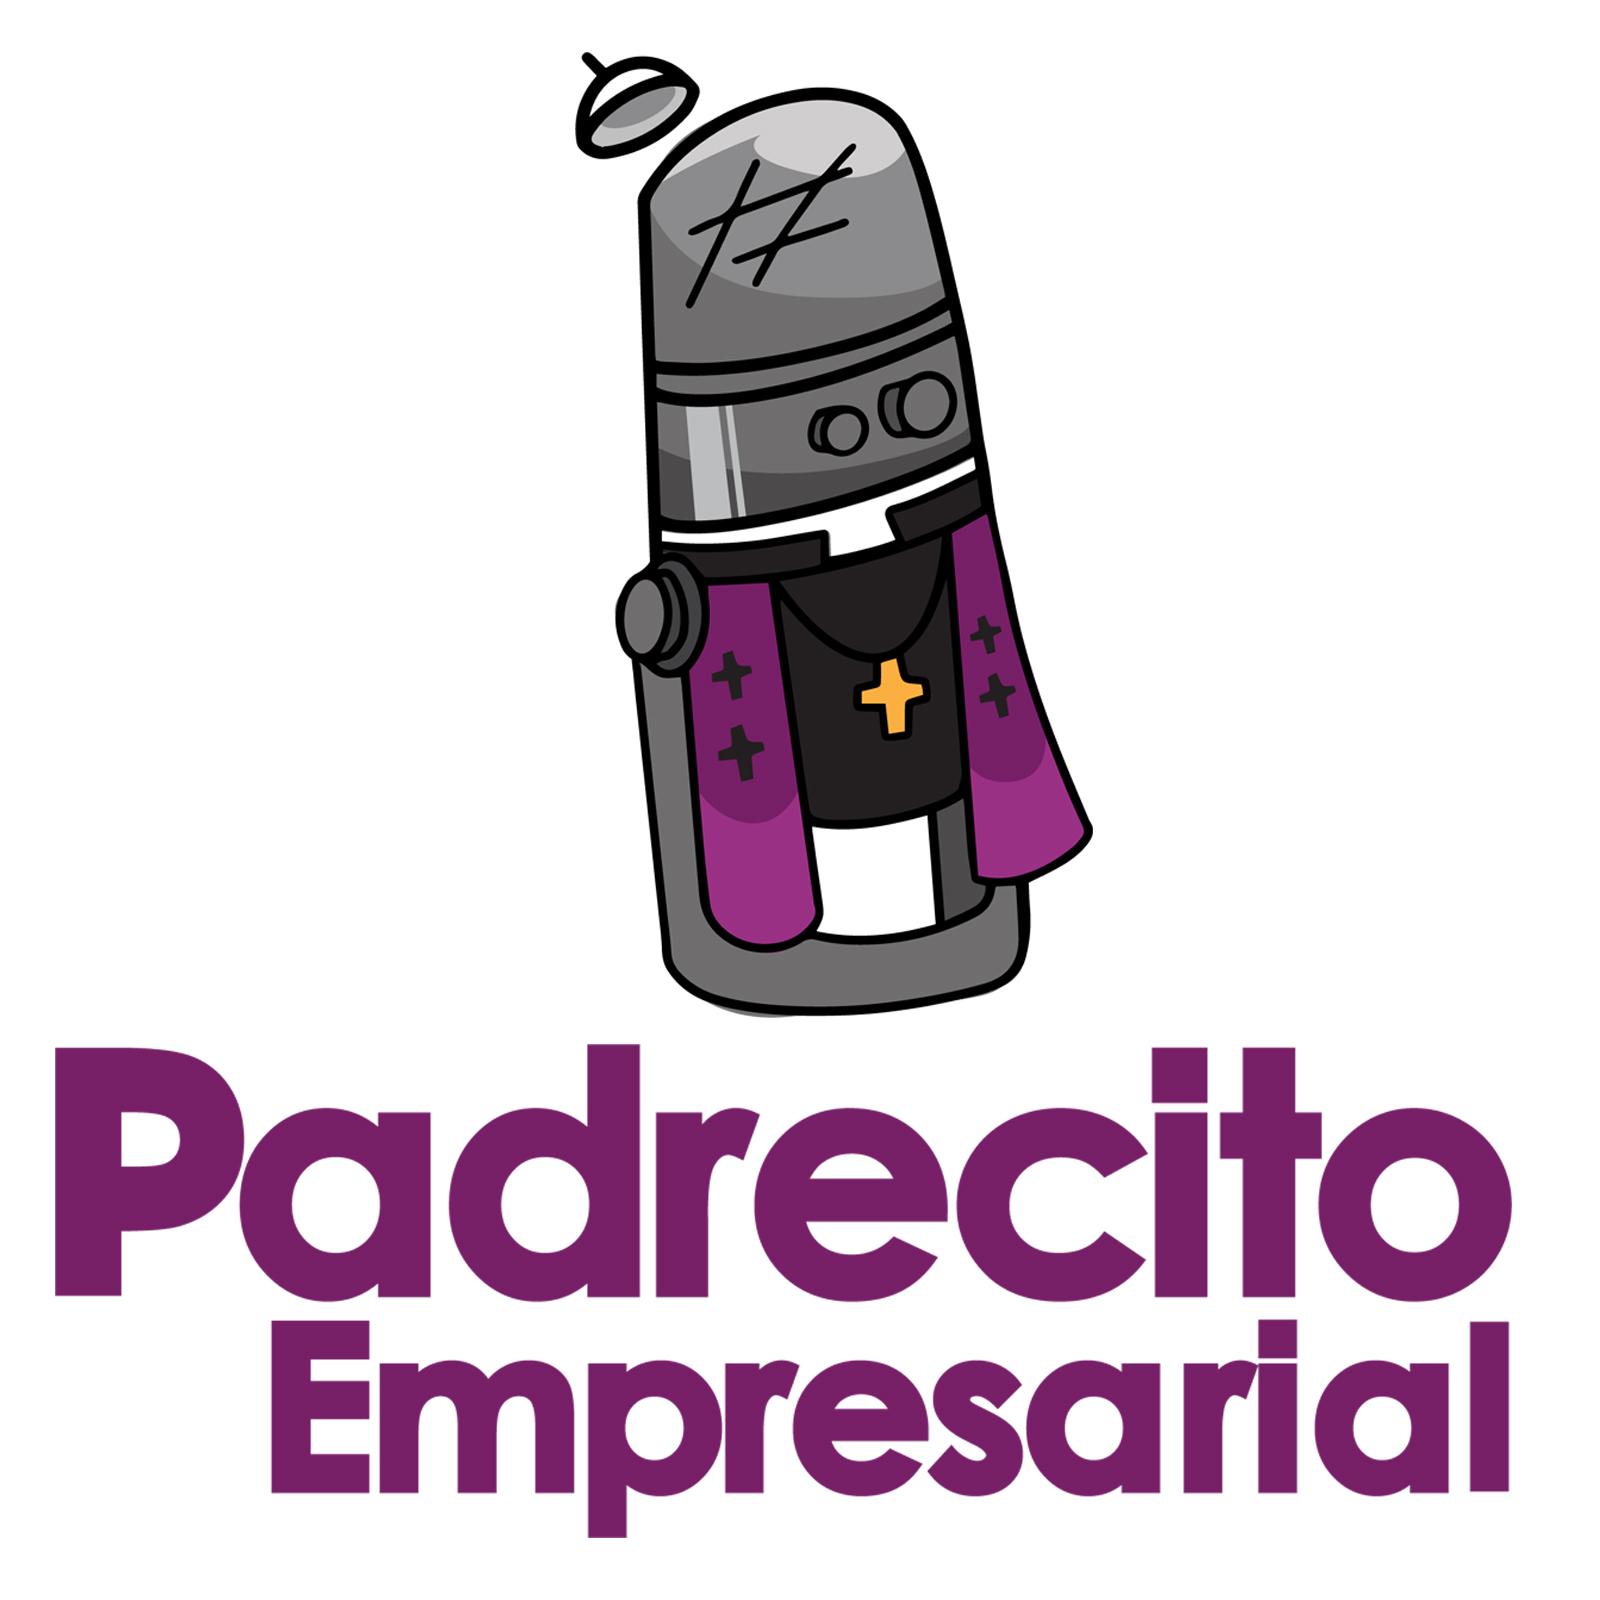 padrecito logo post 250 2.jpg